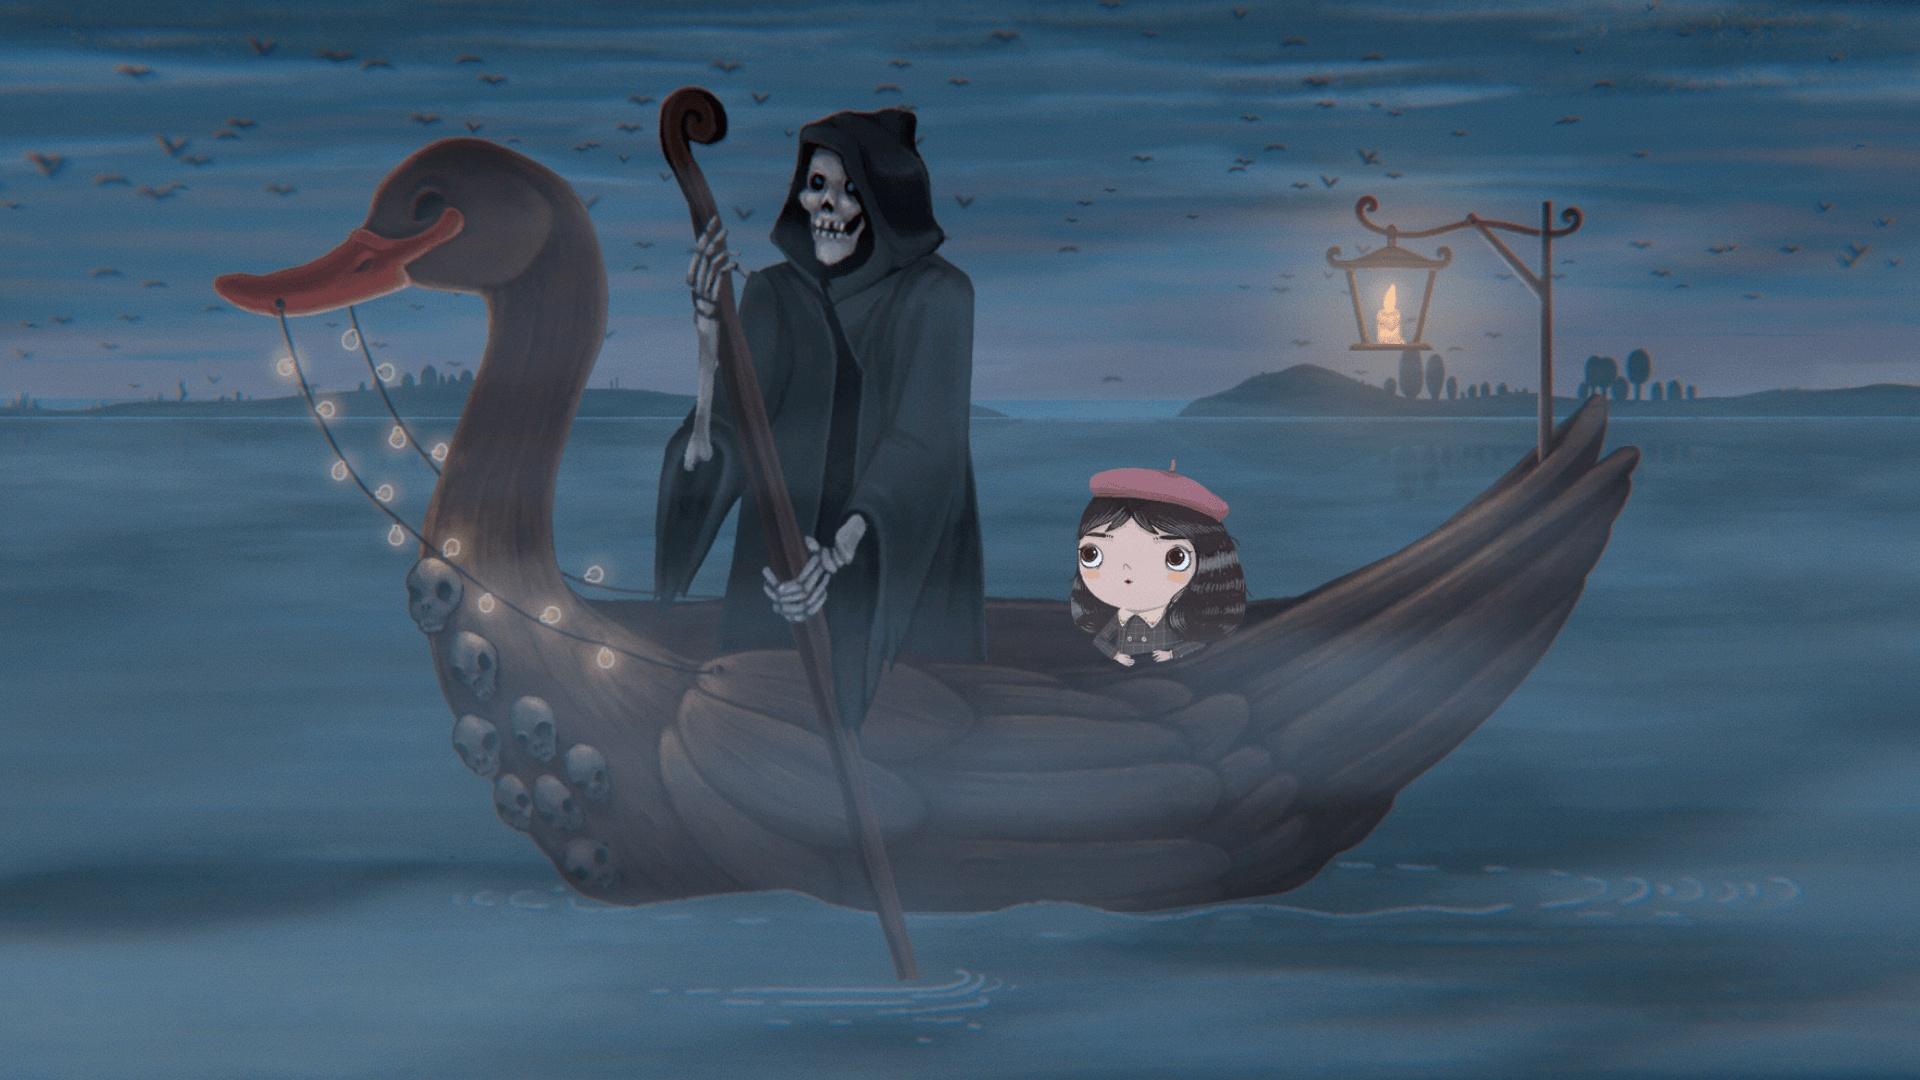 Девочка и Голос: приключение Little Misfortune выходит18 сентября